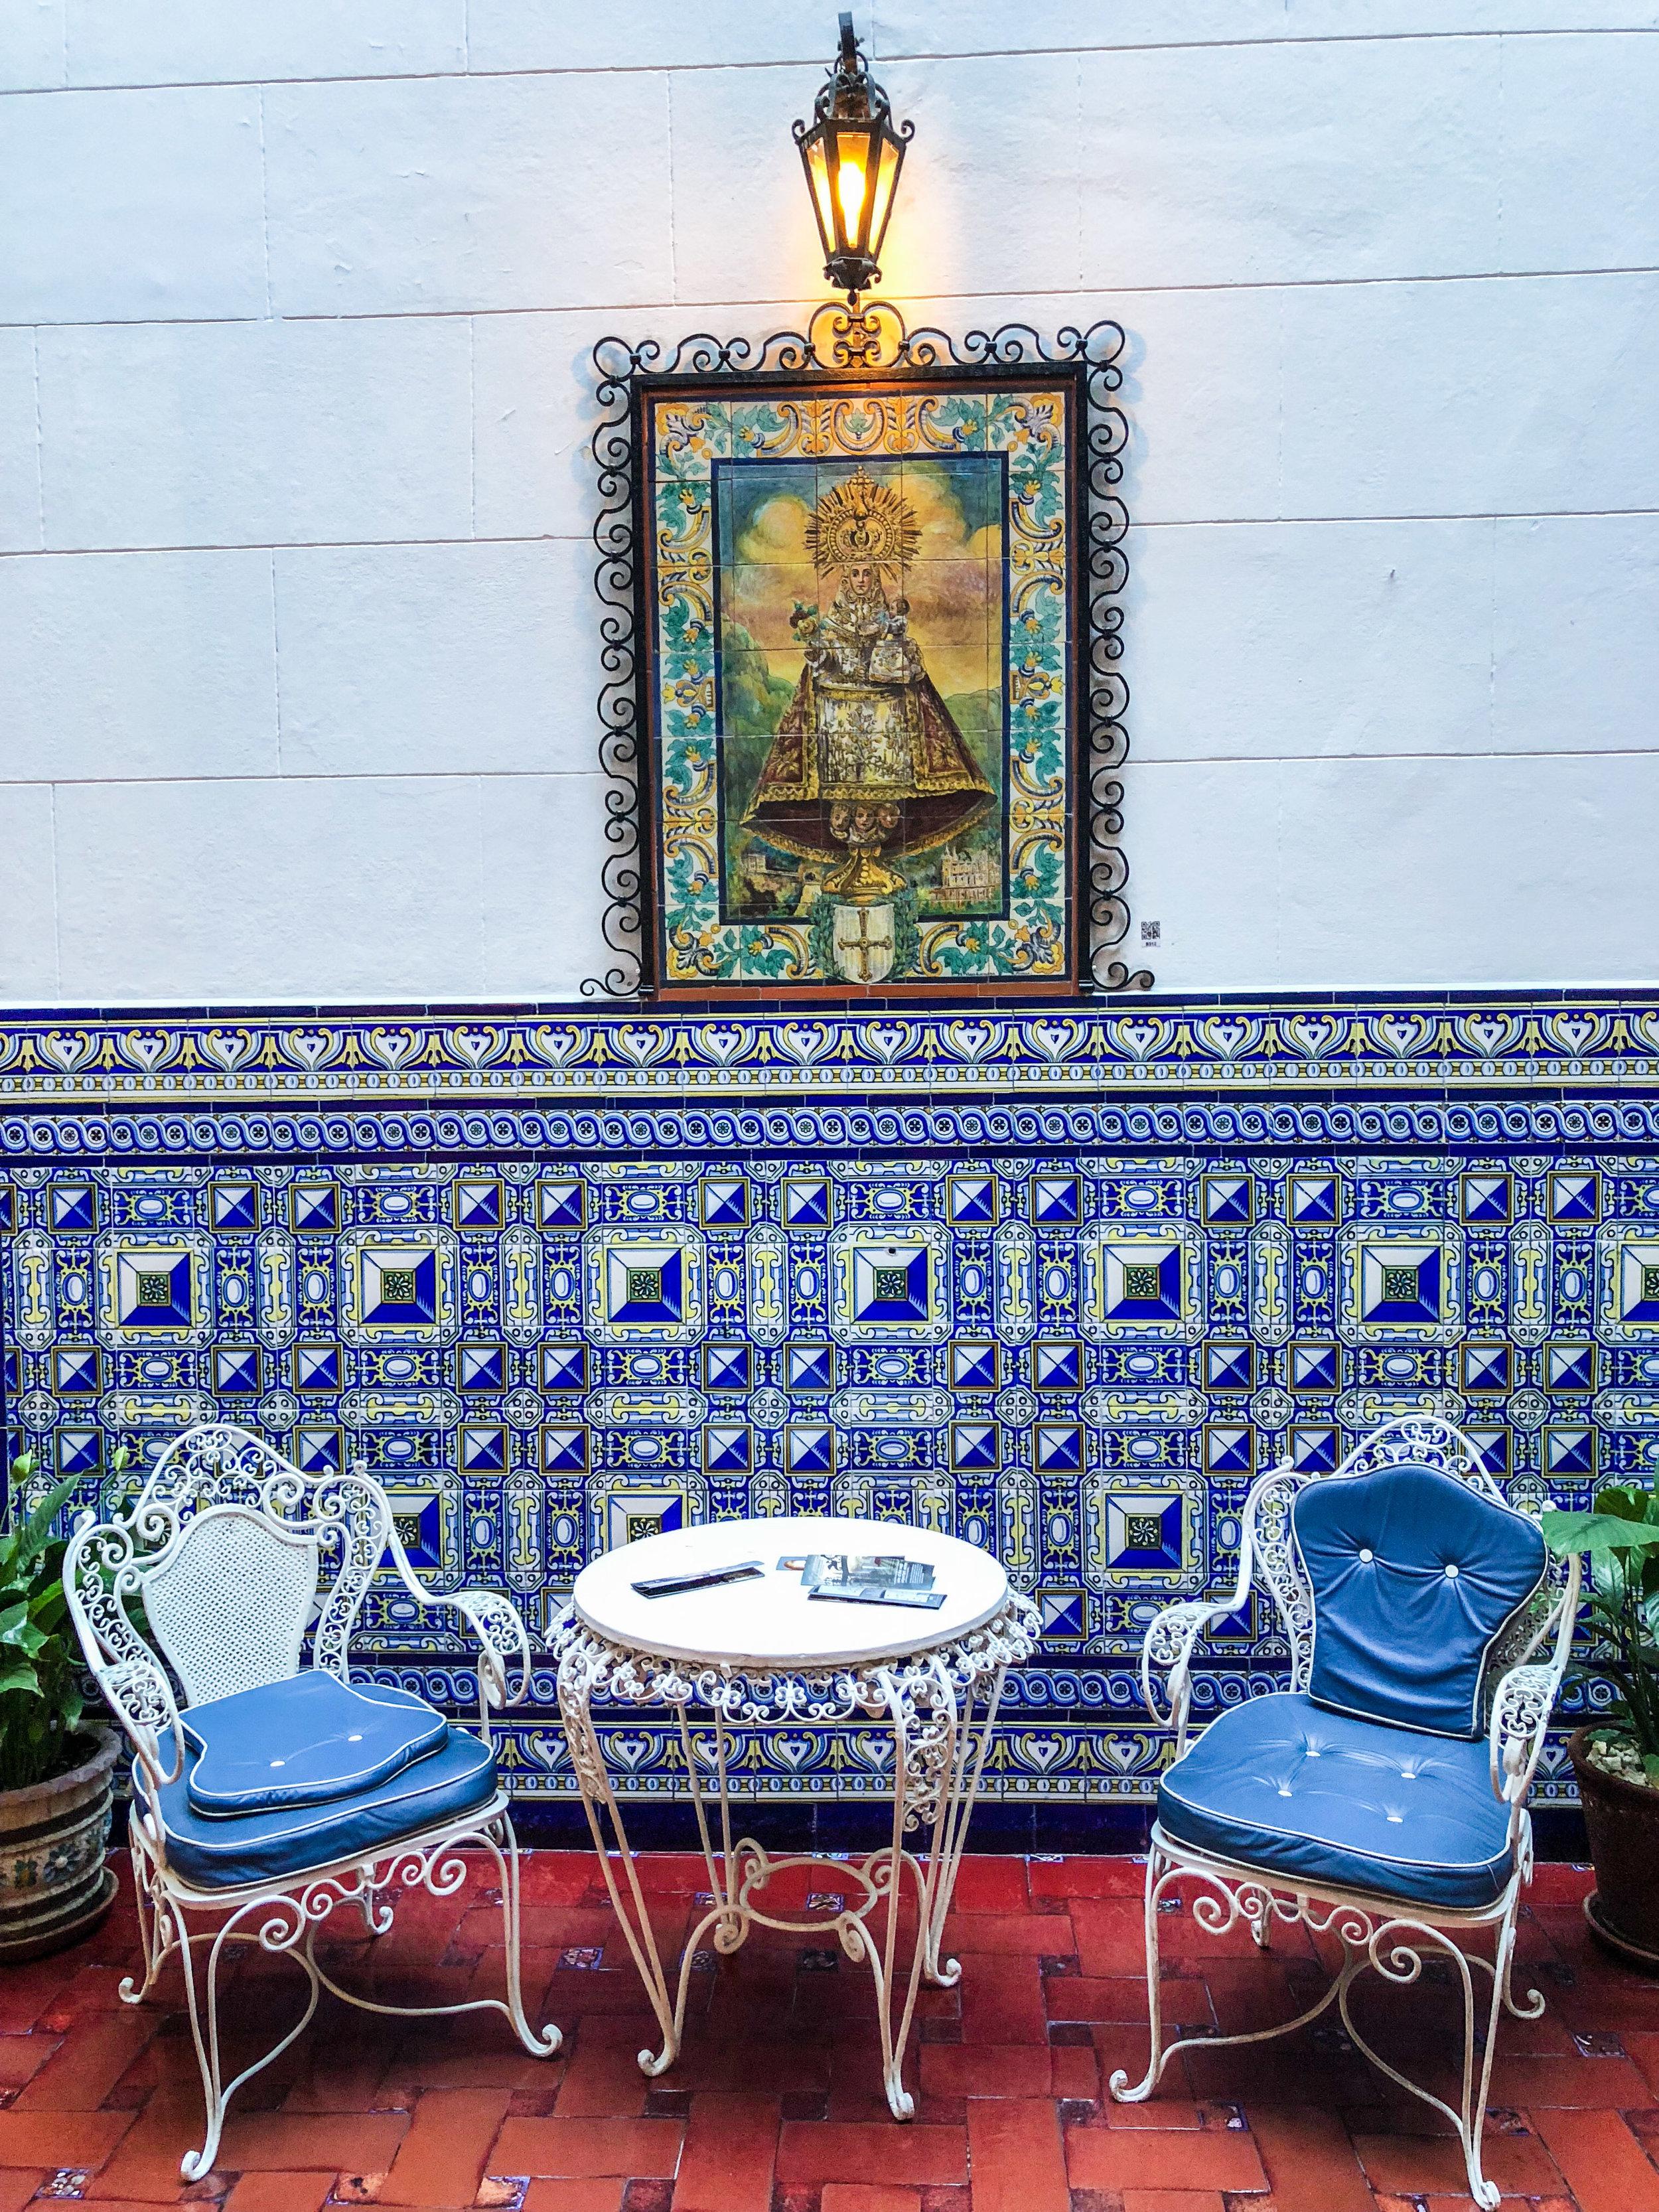 Evita Museum 3 MAZ